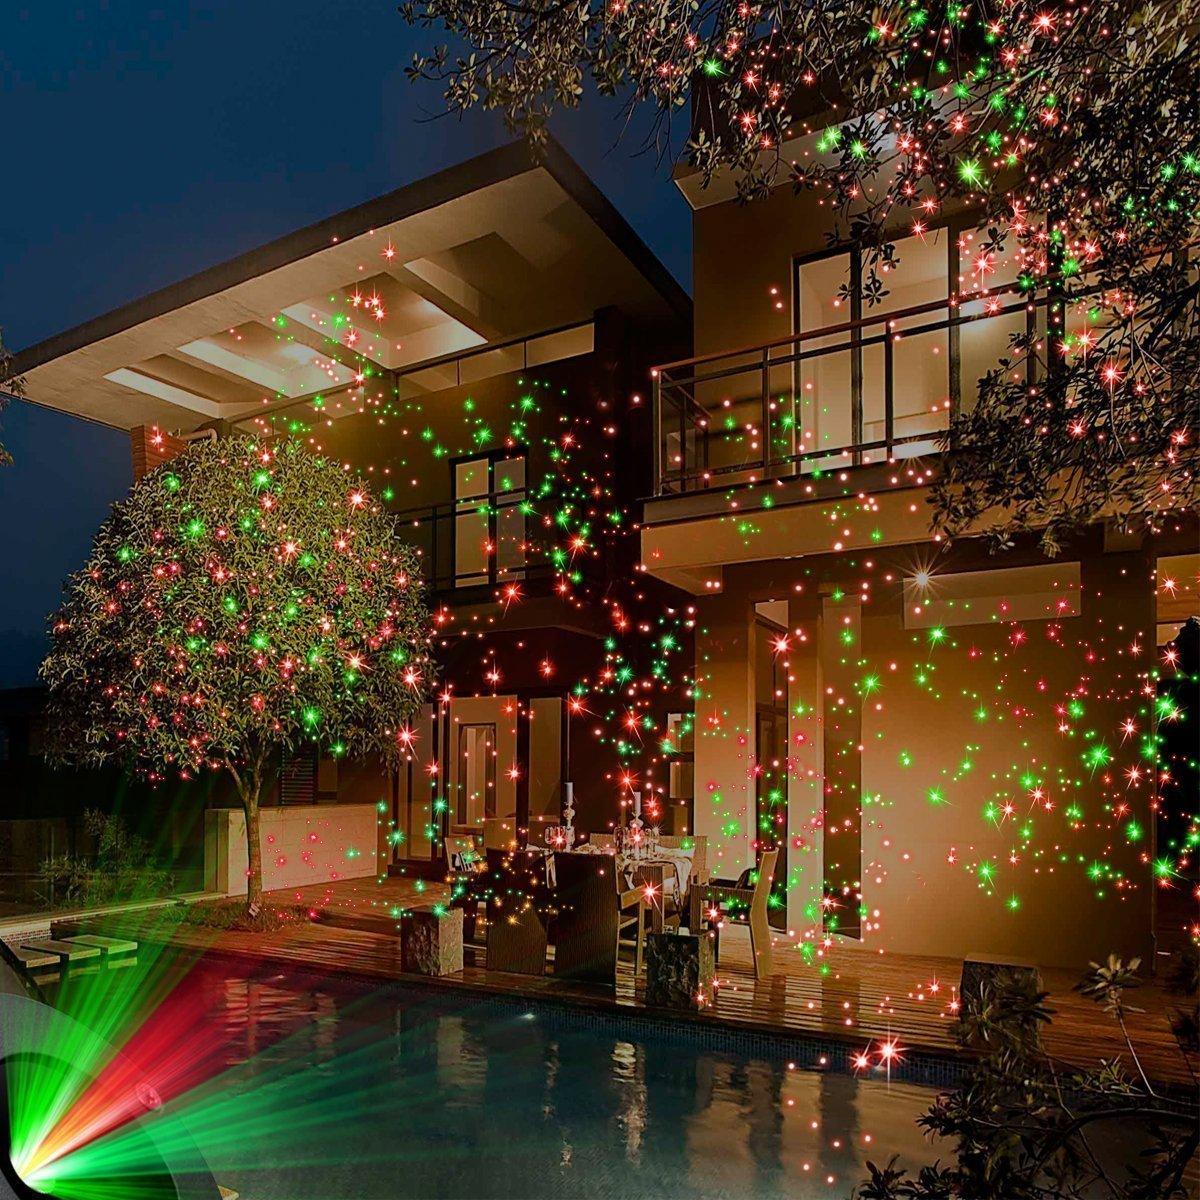 Chomo spotlights projecteur exterieur lumières ciel etoile vert et rouge avec télécommande lampe décoration de plein